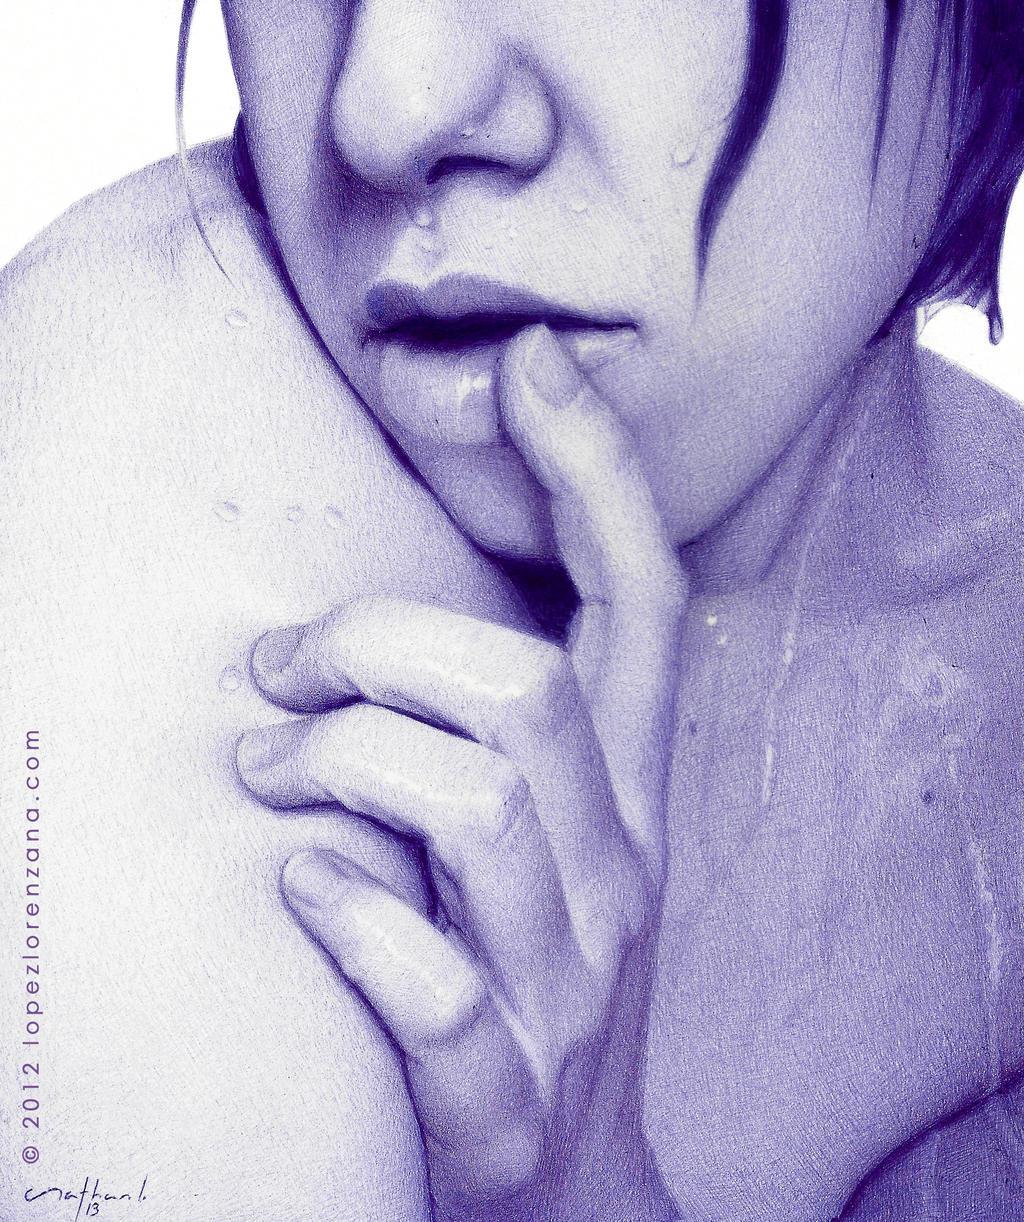 ...Wet Skin - Ballpoint Pen Artwork by LopezLorenzana